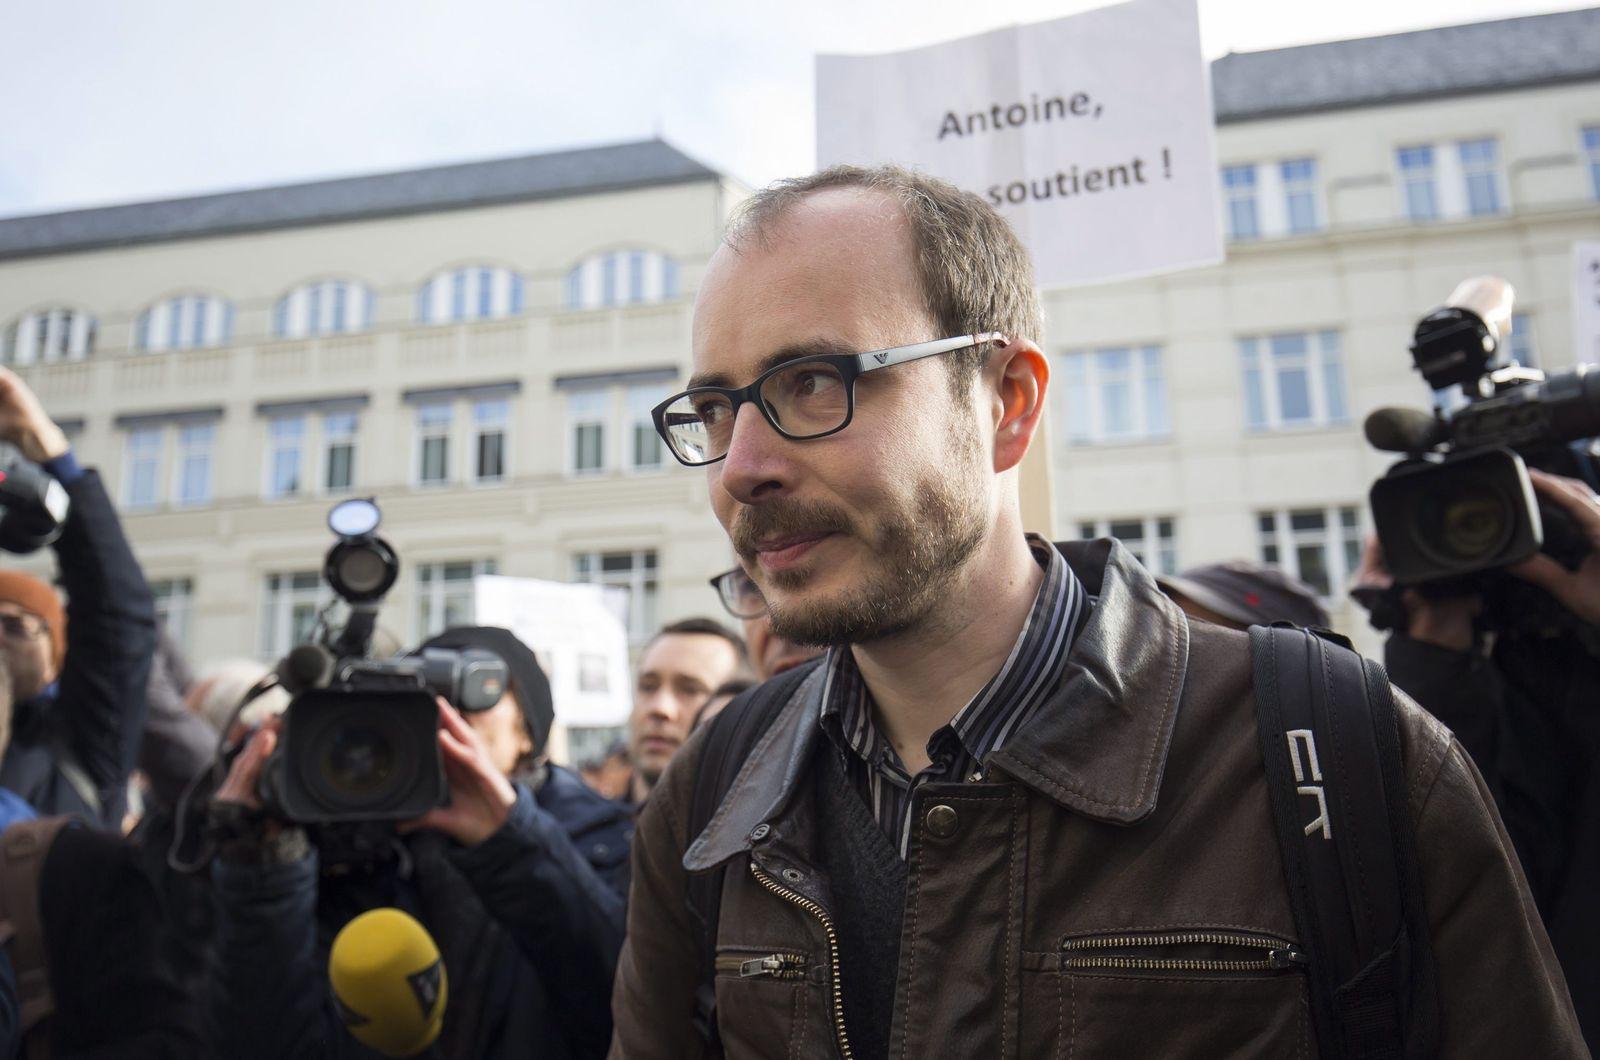 Antoine Deltour / LuxLeaks whistleblower